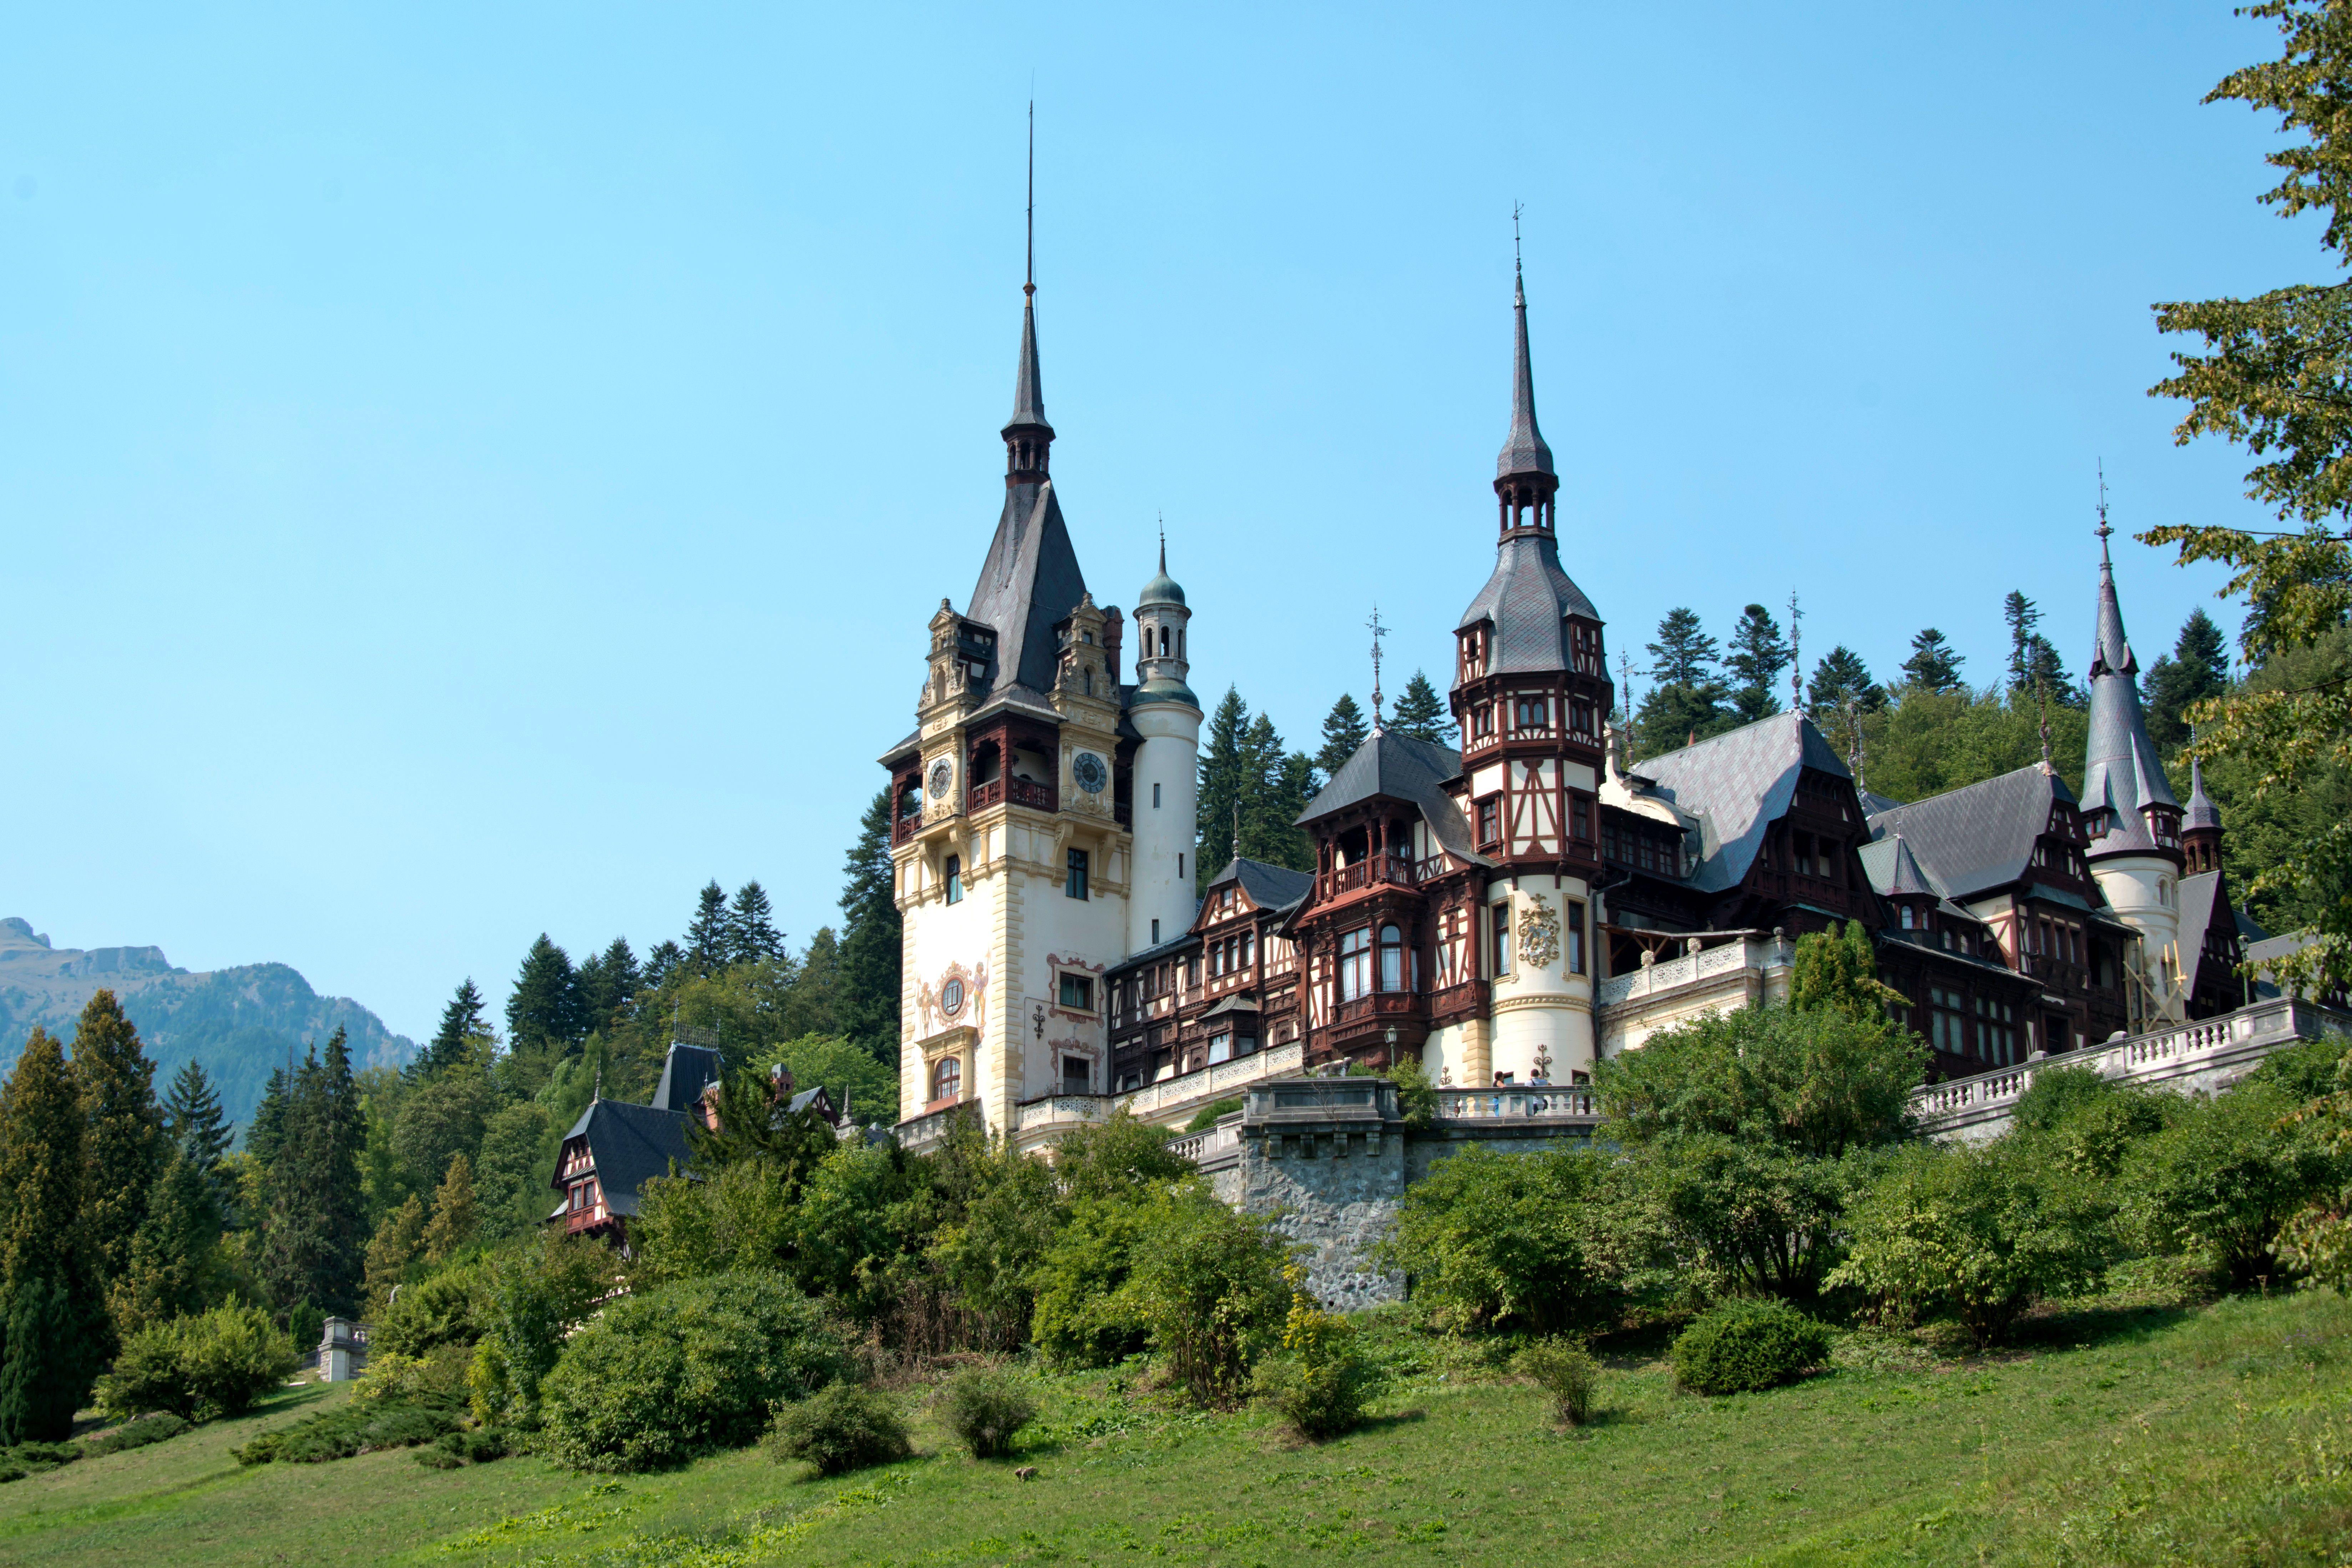 Castillo de Peles, el castillo neorrenacentista en las montañas de los Cárpatos cerca de Sinaia, en una ruta medieval que une Transilvania y Valaquia